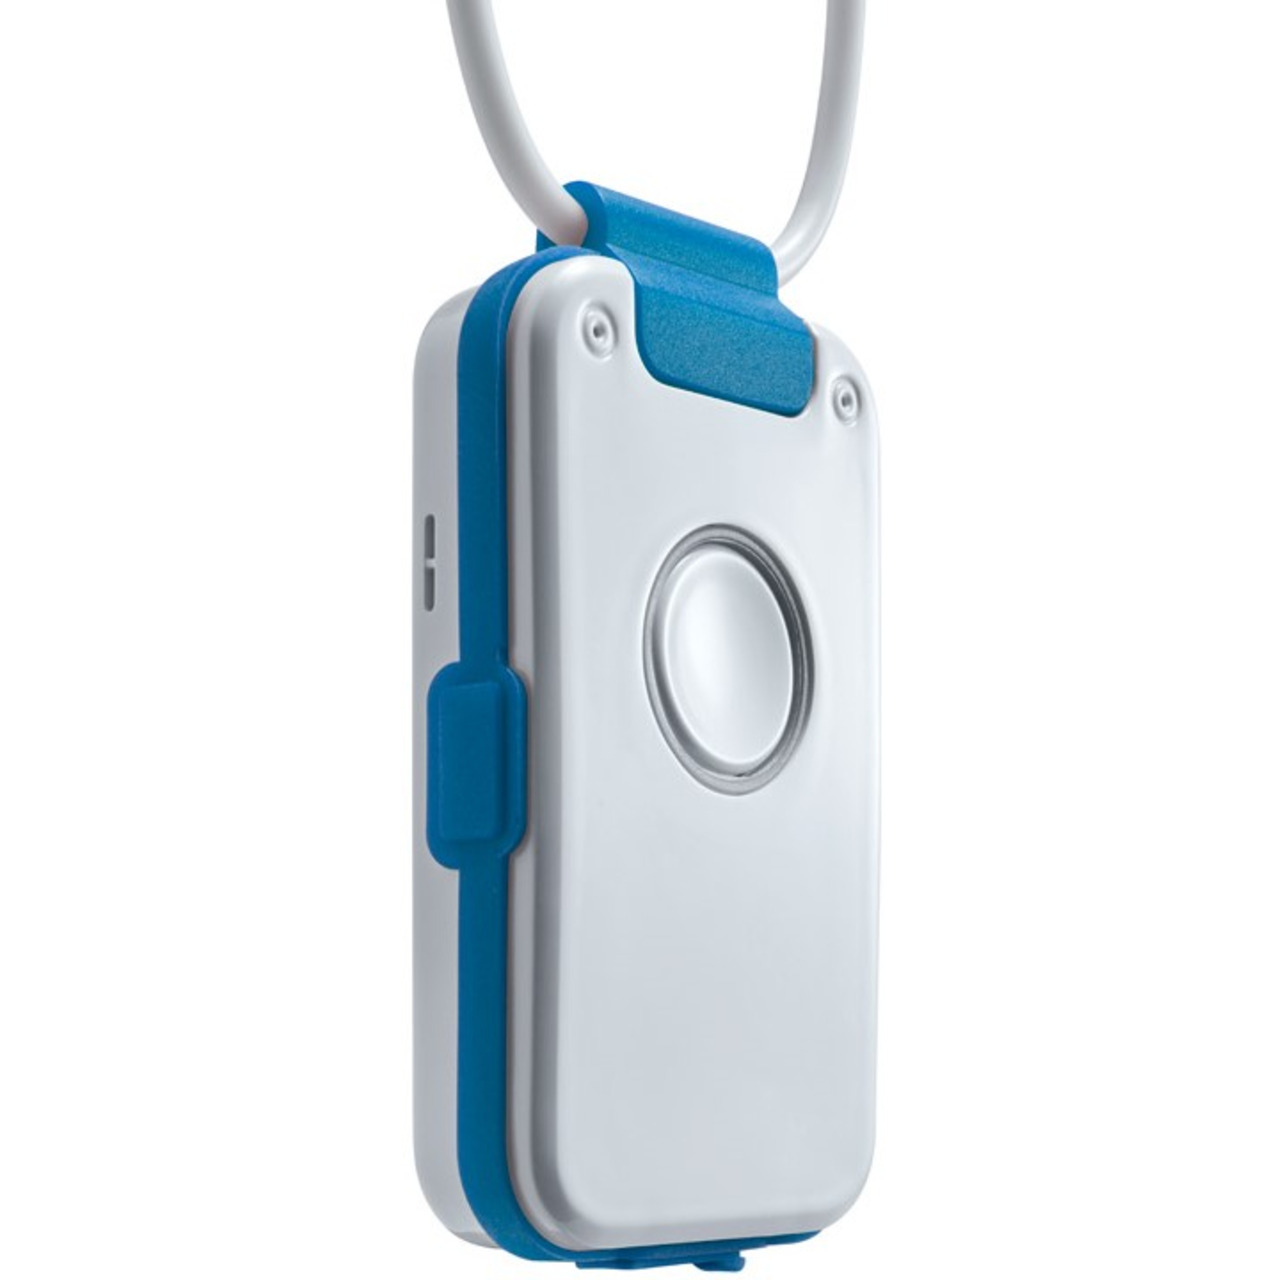 Notrufsender DECT indePendant Pro- blau- privater Hausnotruf- mit intelligenter Sturzerkennung